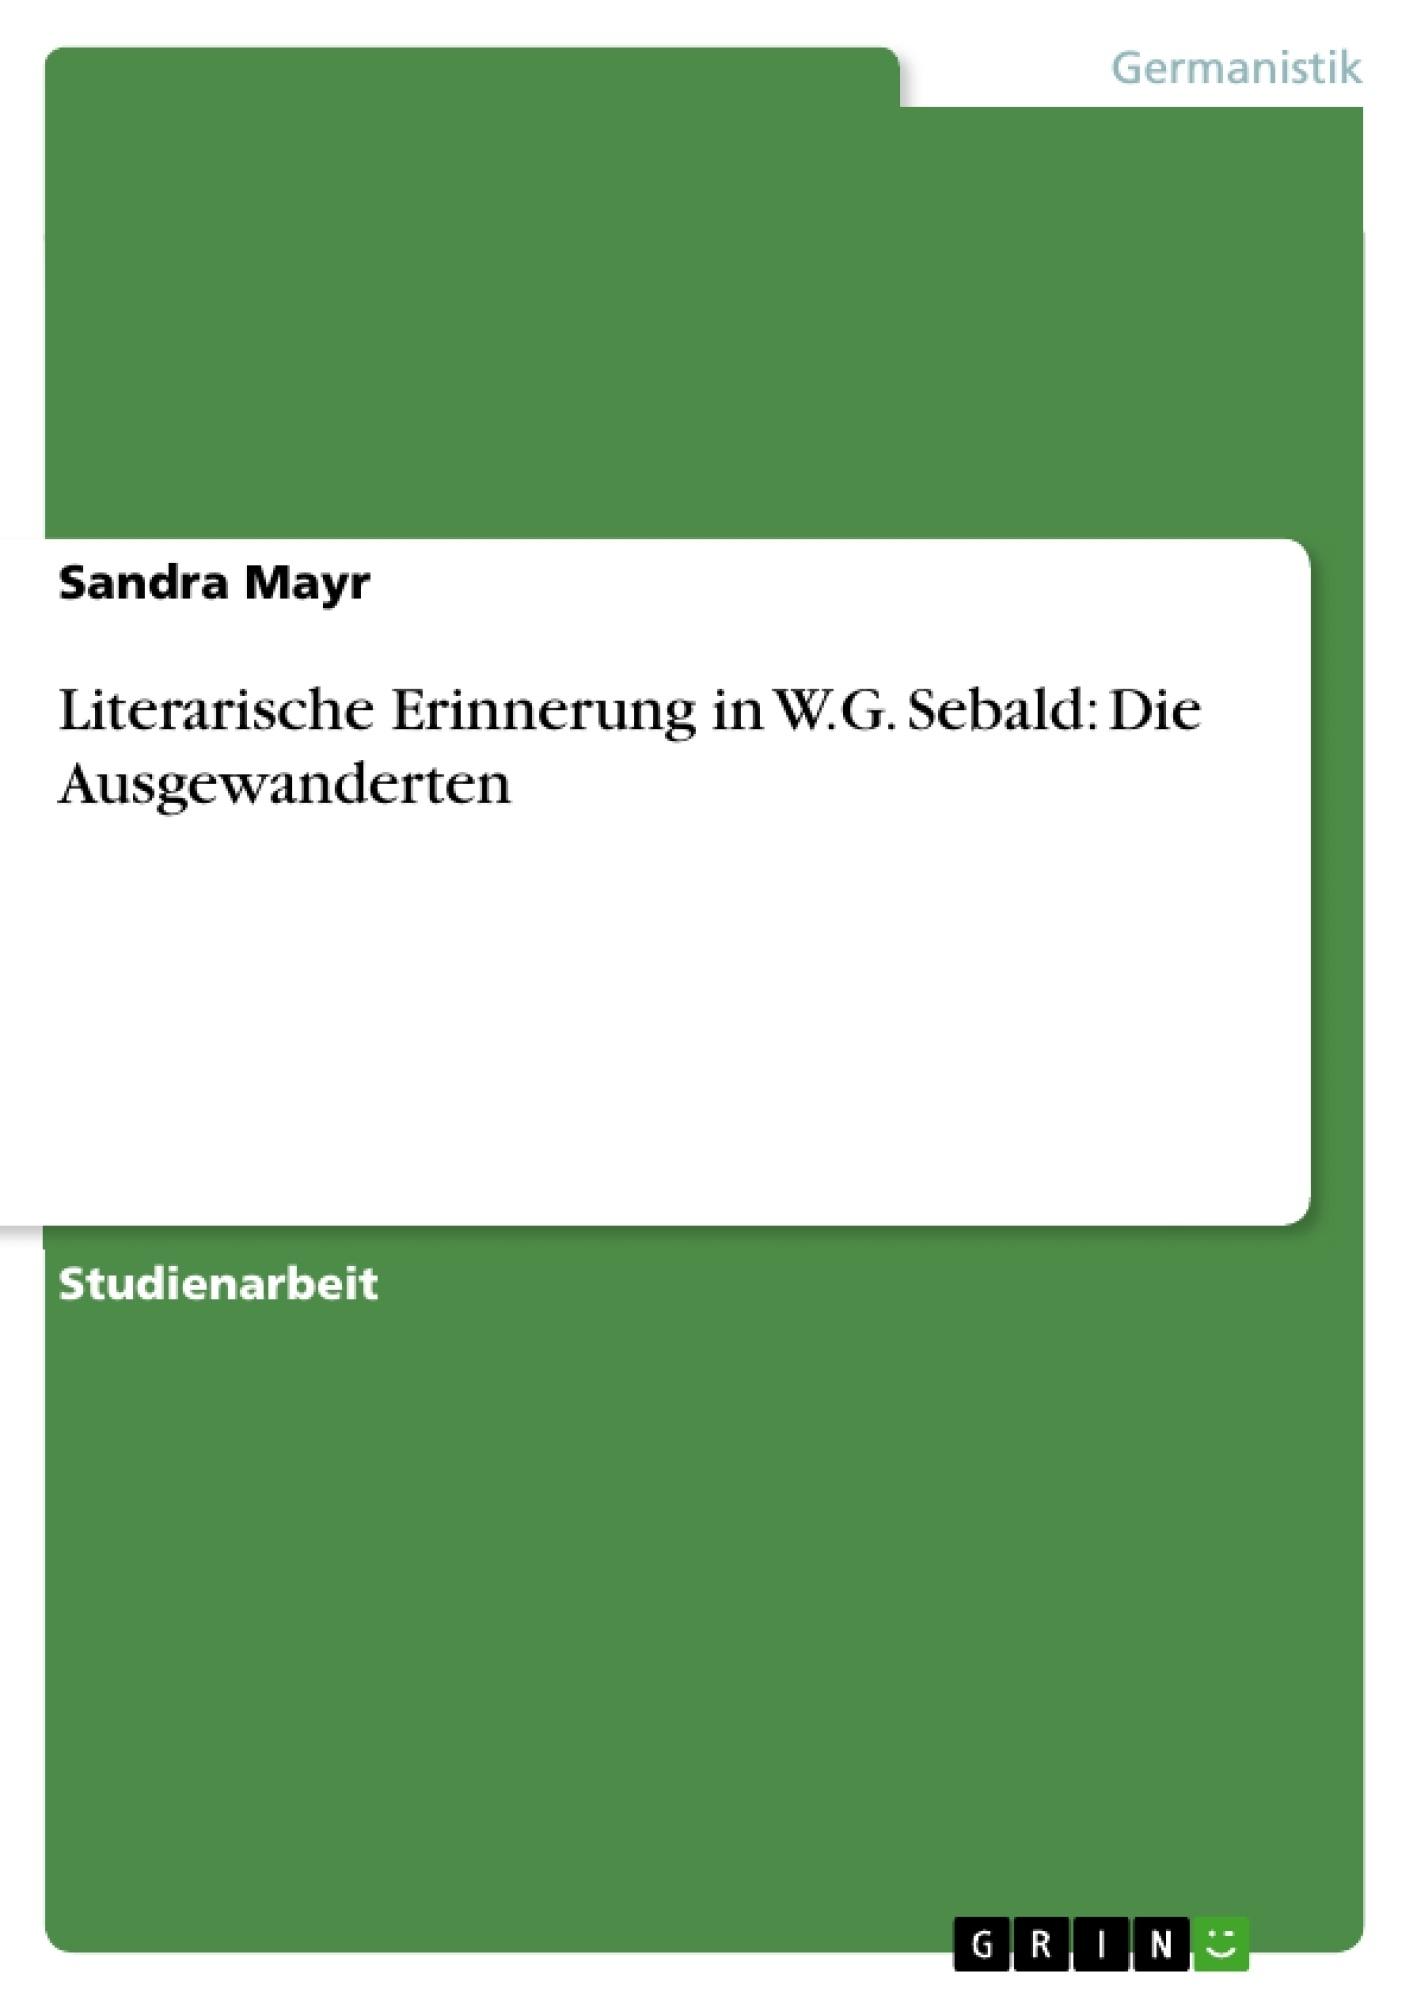 Titel: Literarische Erinnerung in W.G. Sebald: Die Ausgewanderten